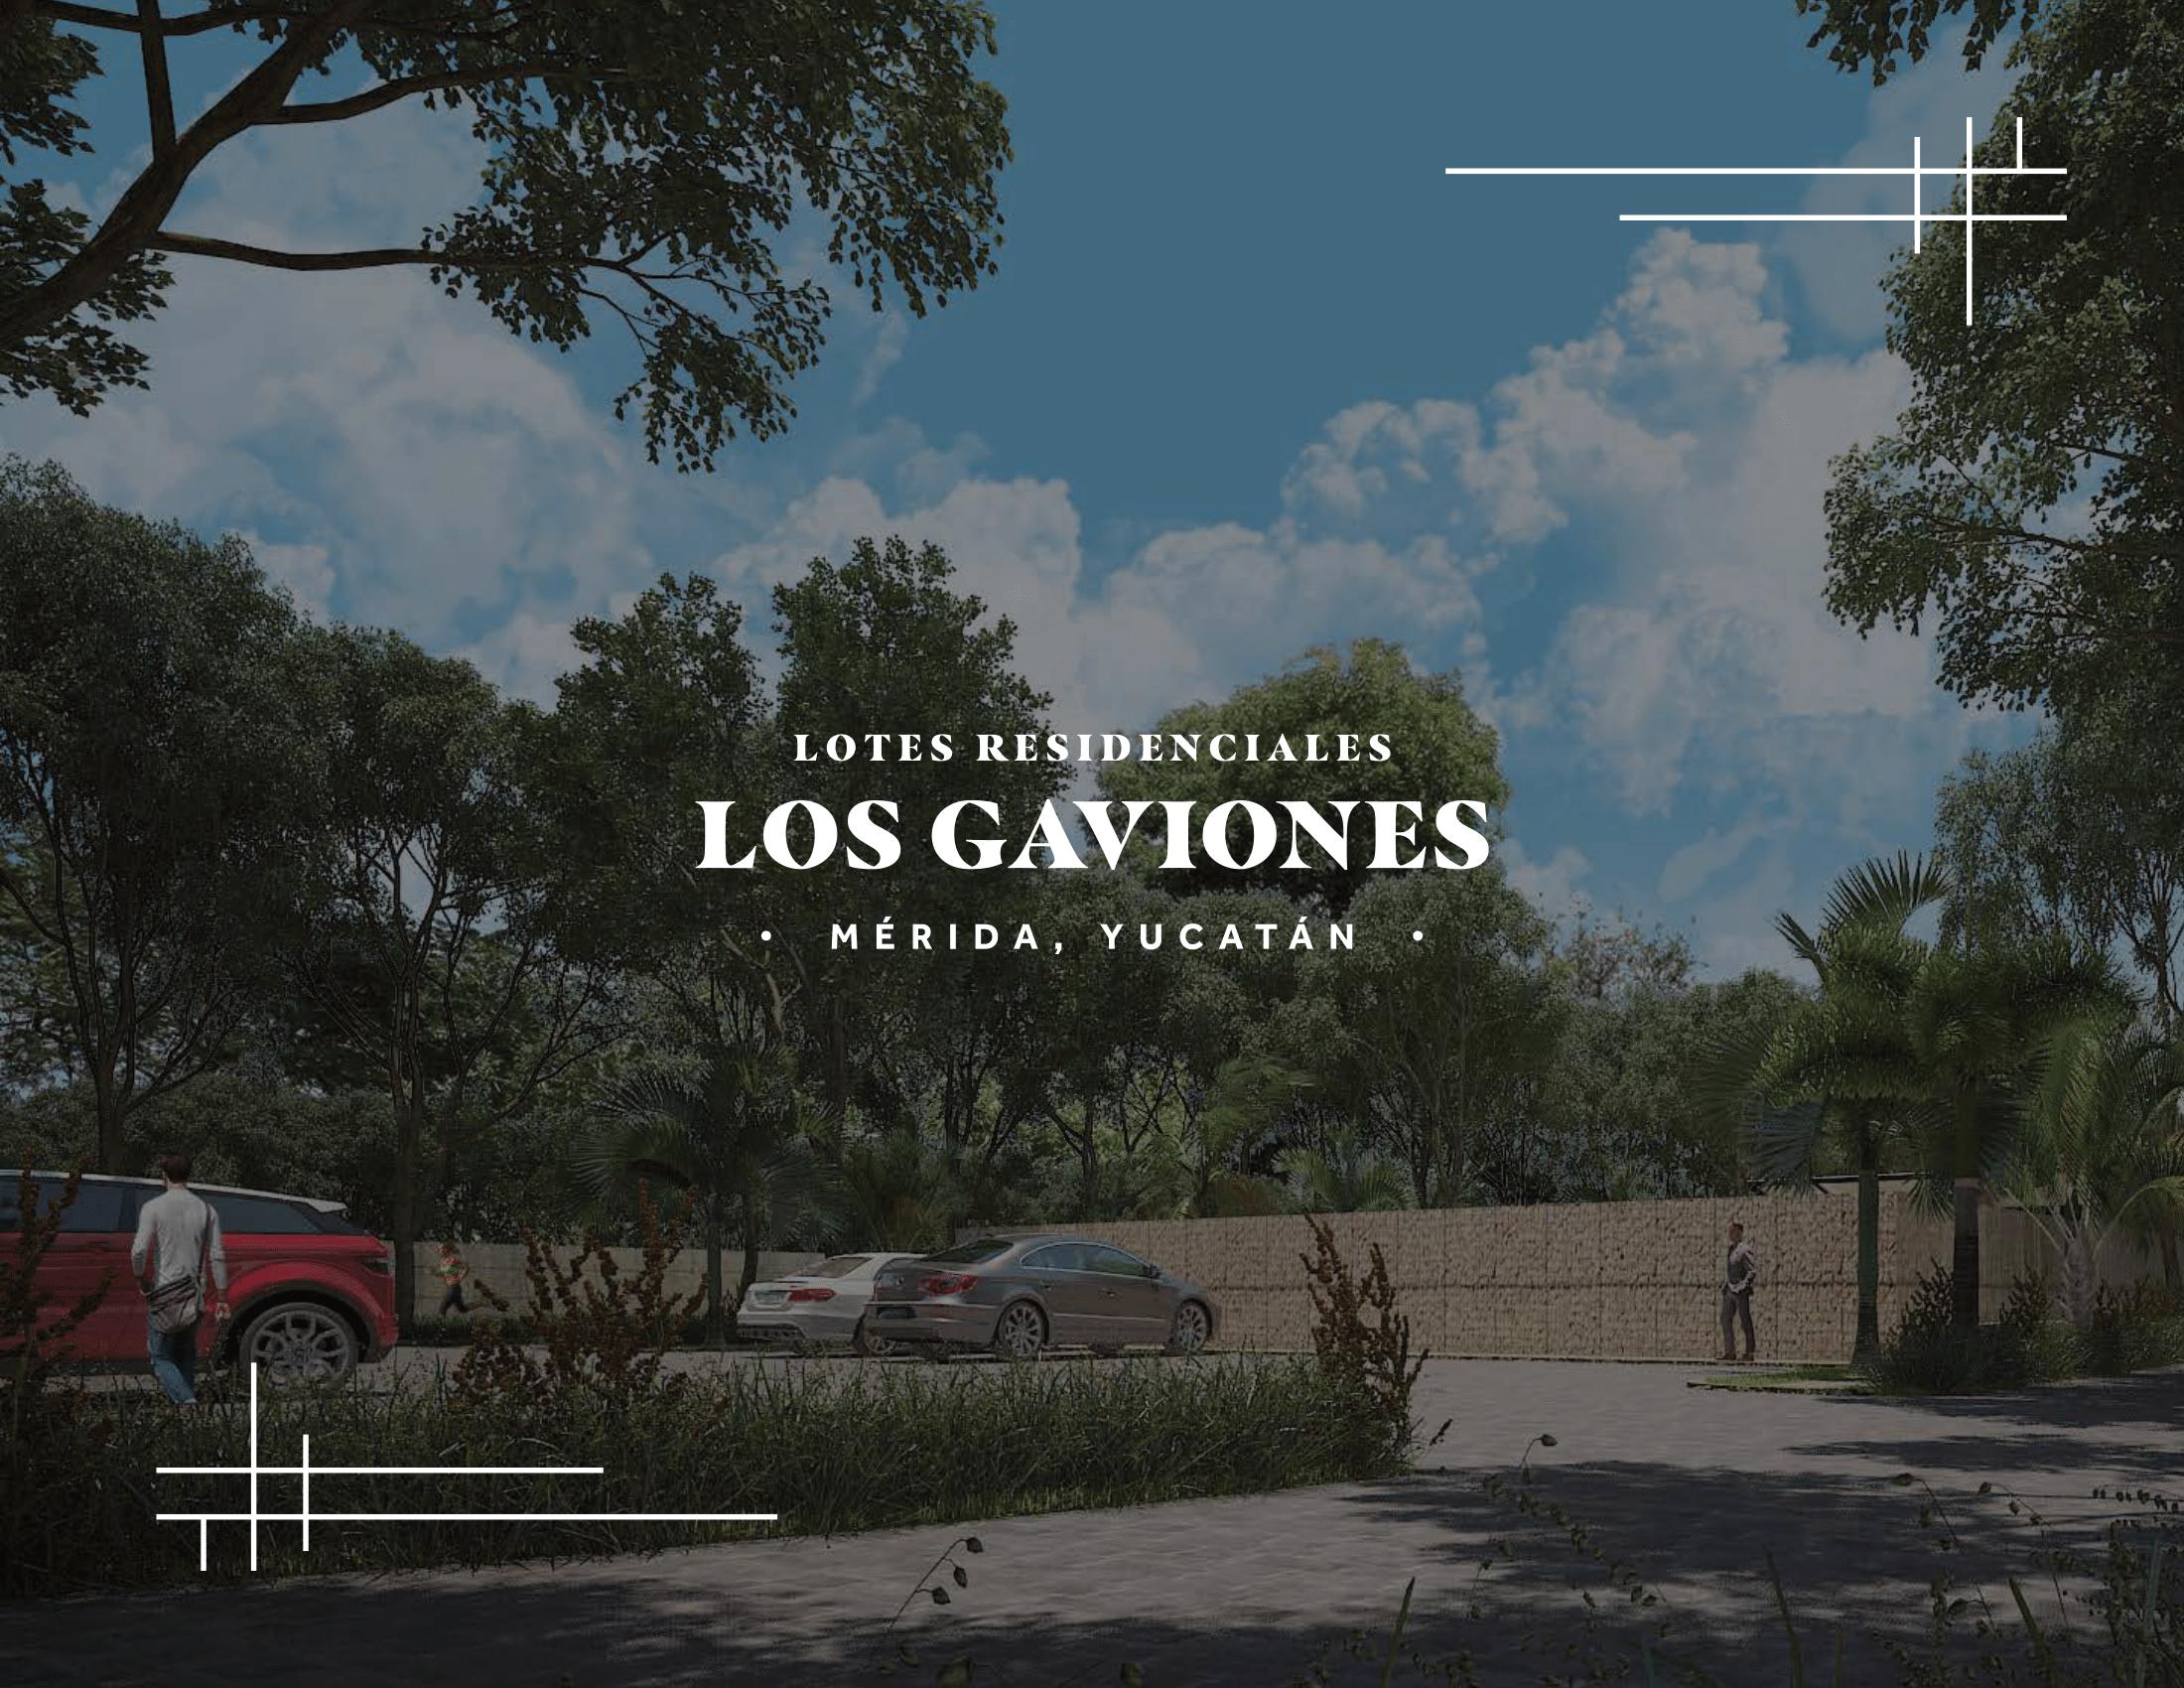 LOS GAVIONES (Lotes Residenciales, Mérida Yuc.)